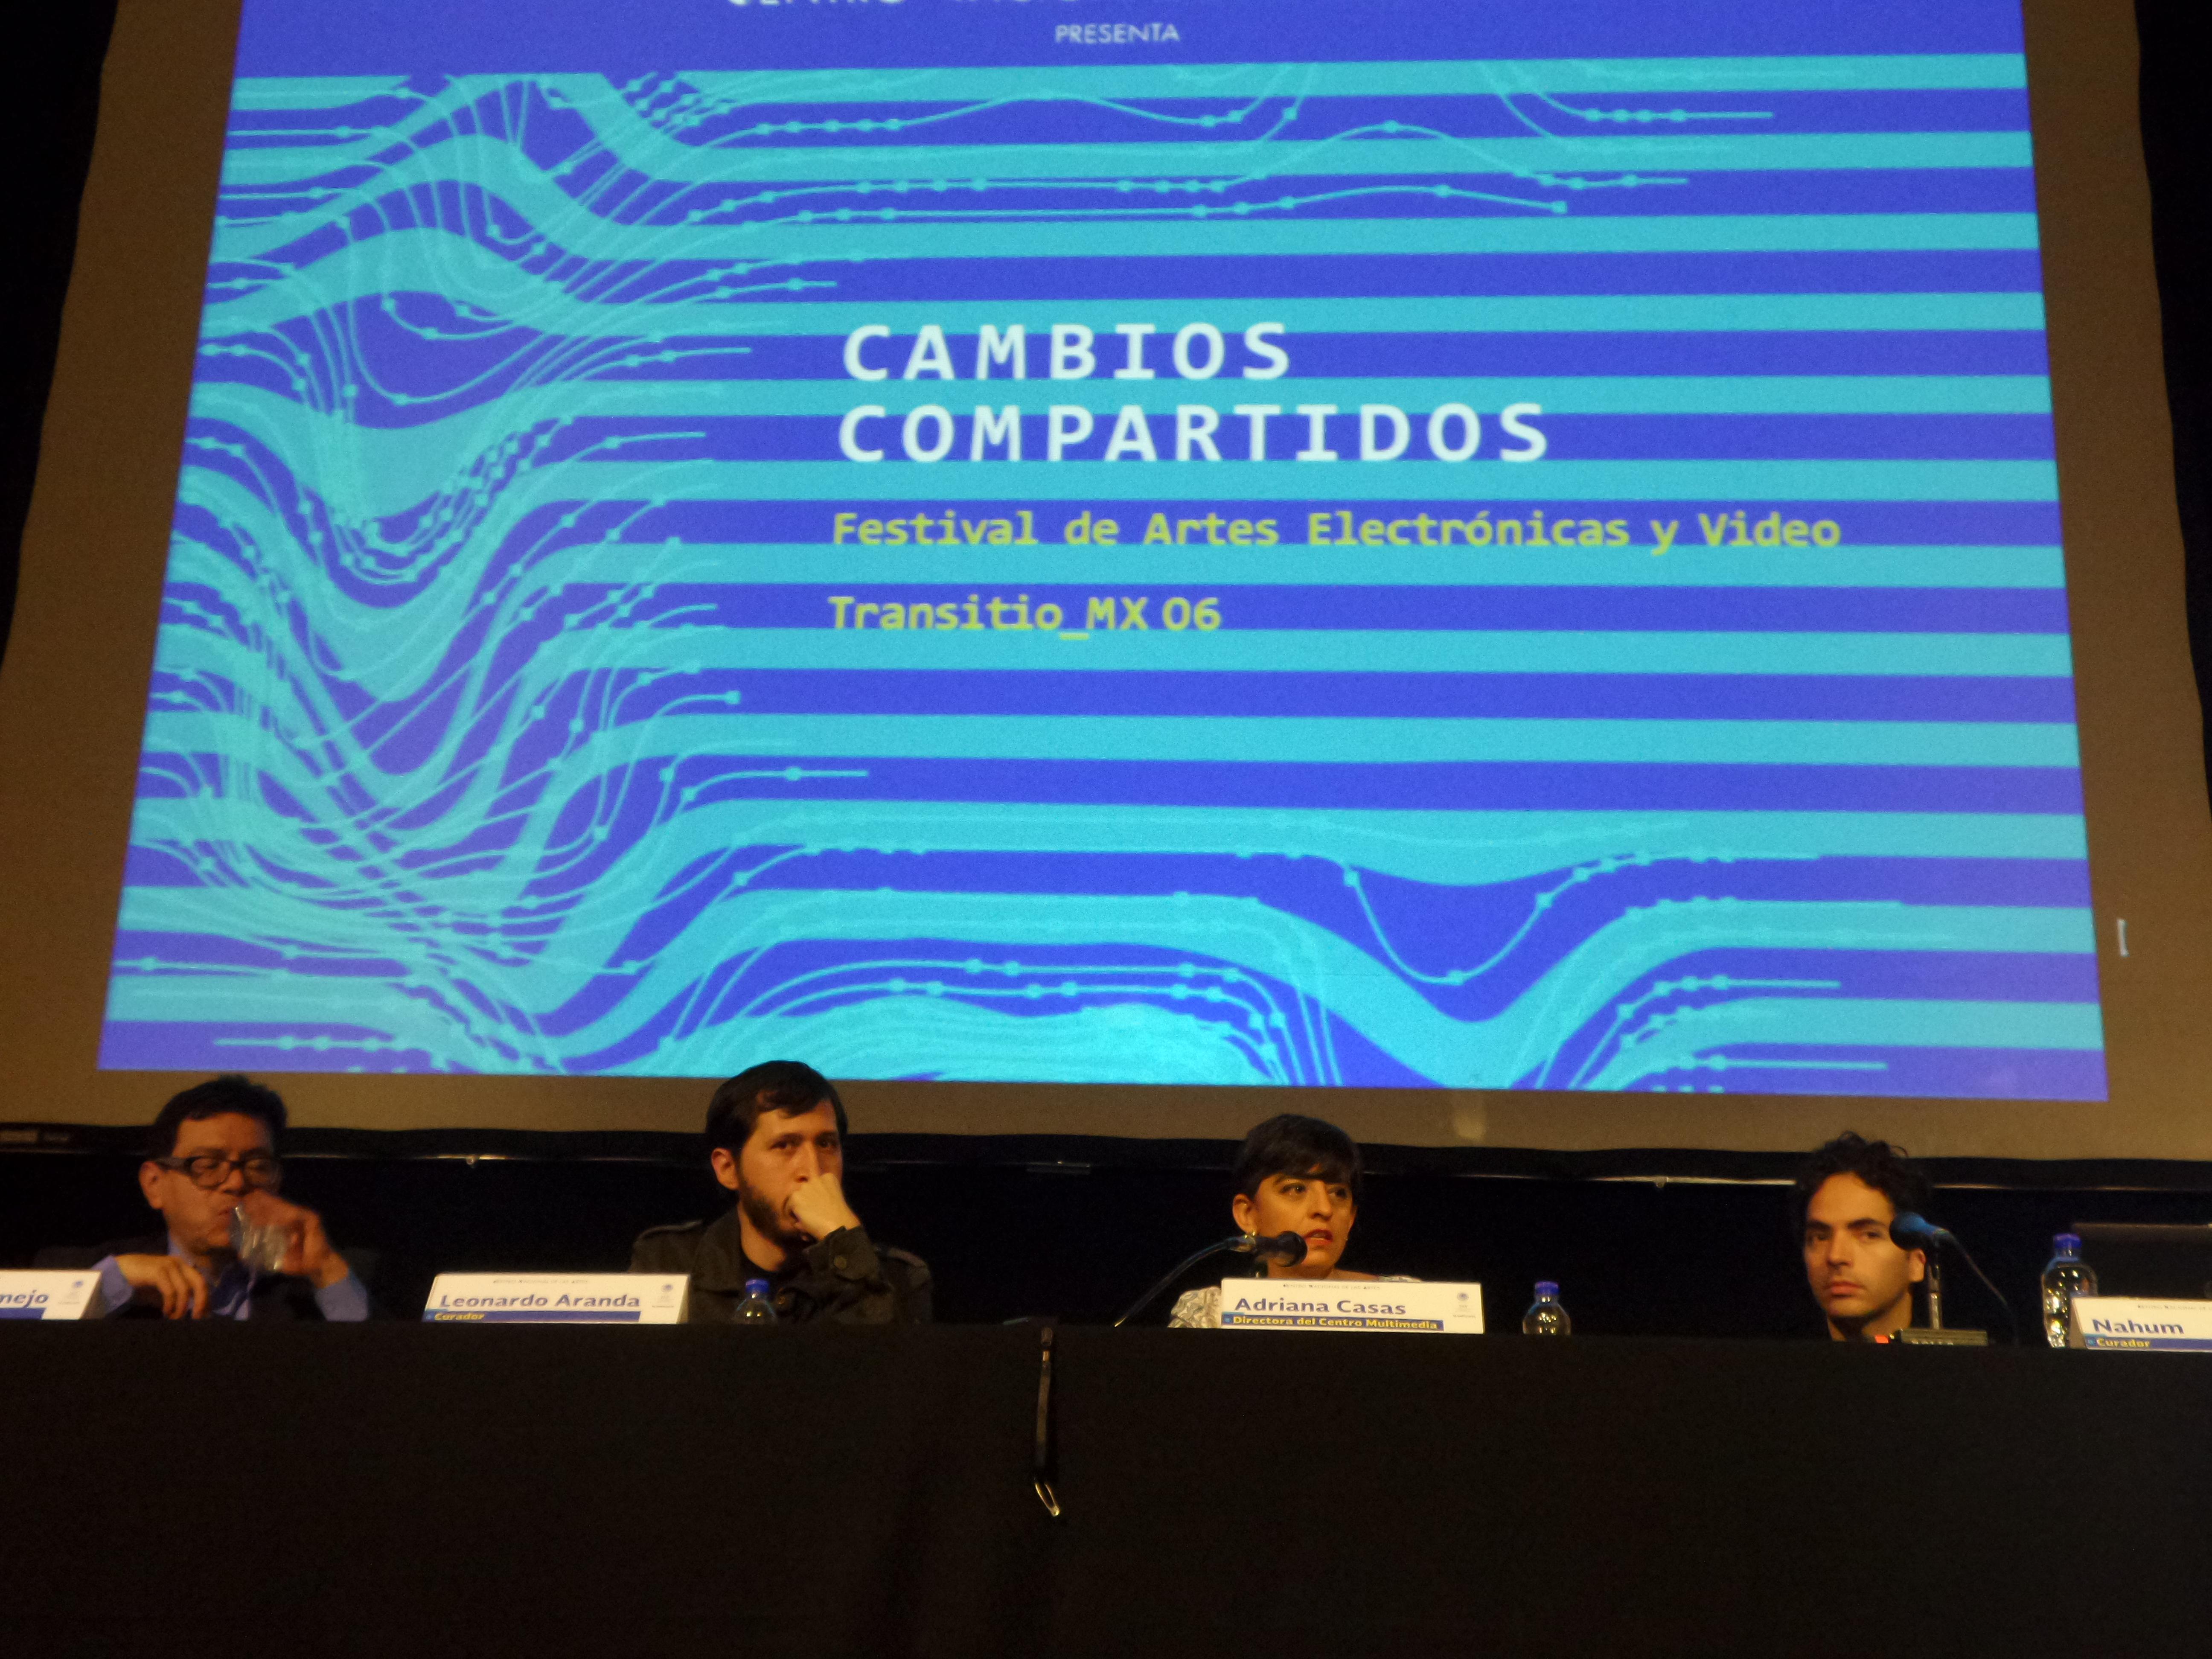 El Festival de Artes Electrónicas y Video Transitio_MX 06, reunirá a 50 artistas de 21 países